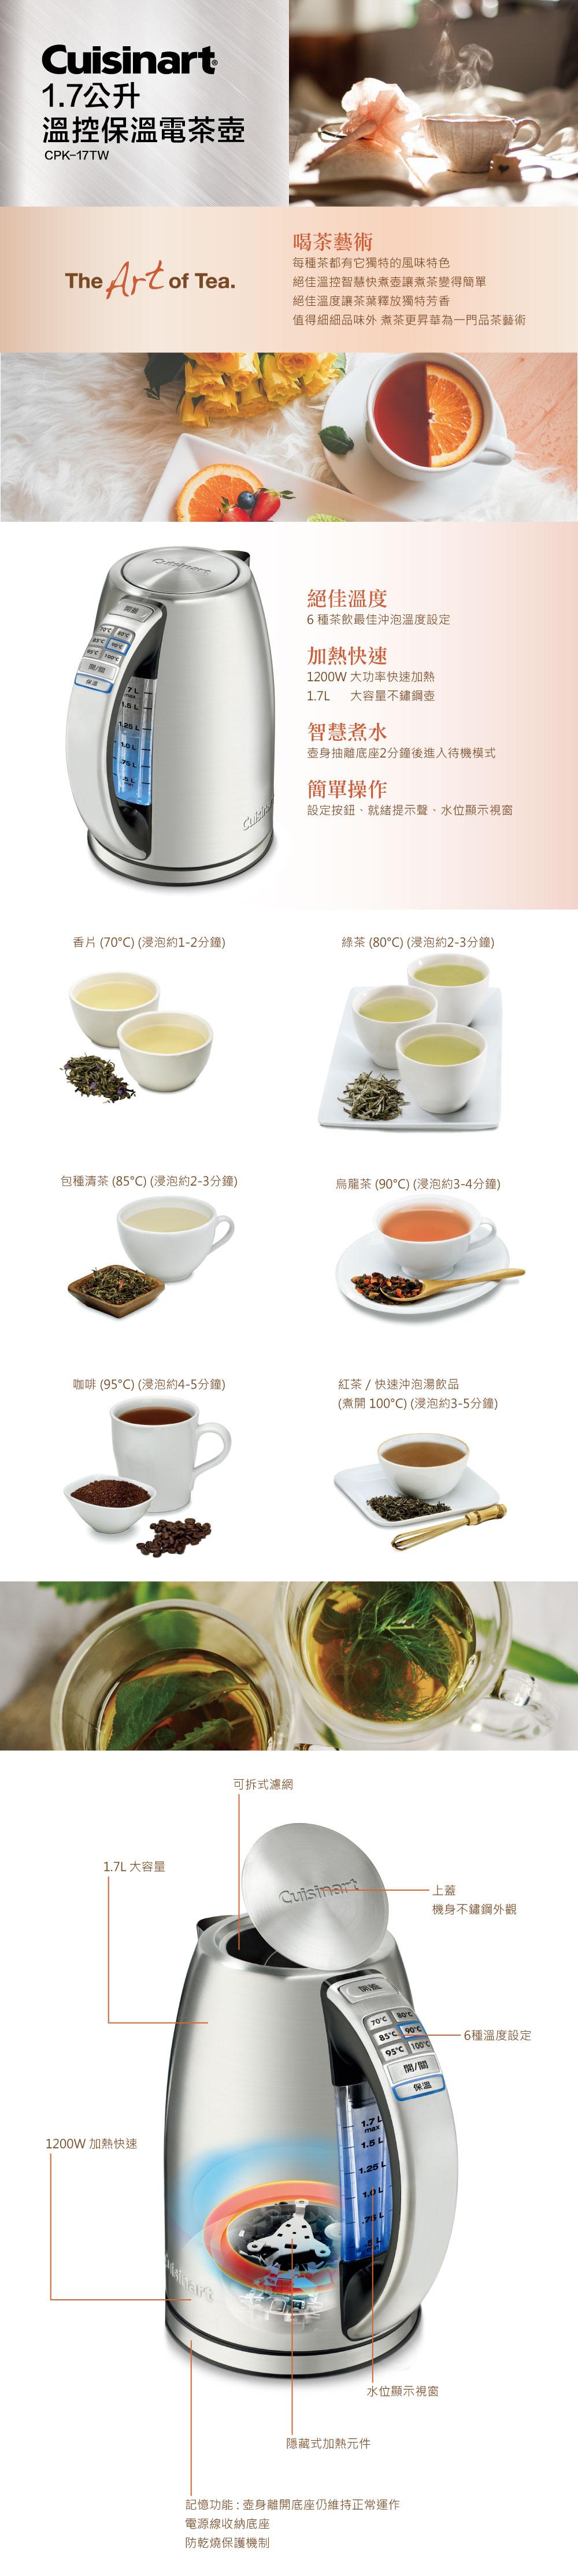 Cuisinart 不鏽鋼溫控保溫電茶壺可保持最適合的溫度,可快速加熱,智慧煮水功能,操作簡單。含六種溫度設定,記憶功能及隱藏式加熱元件。